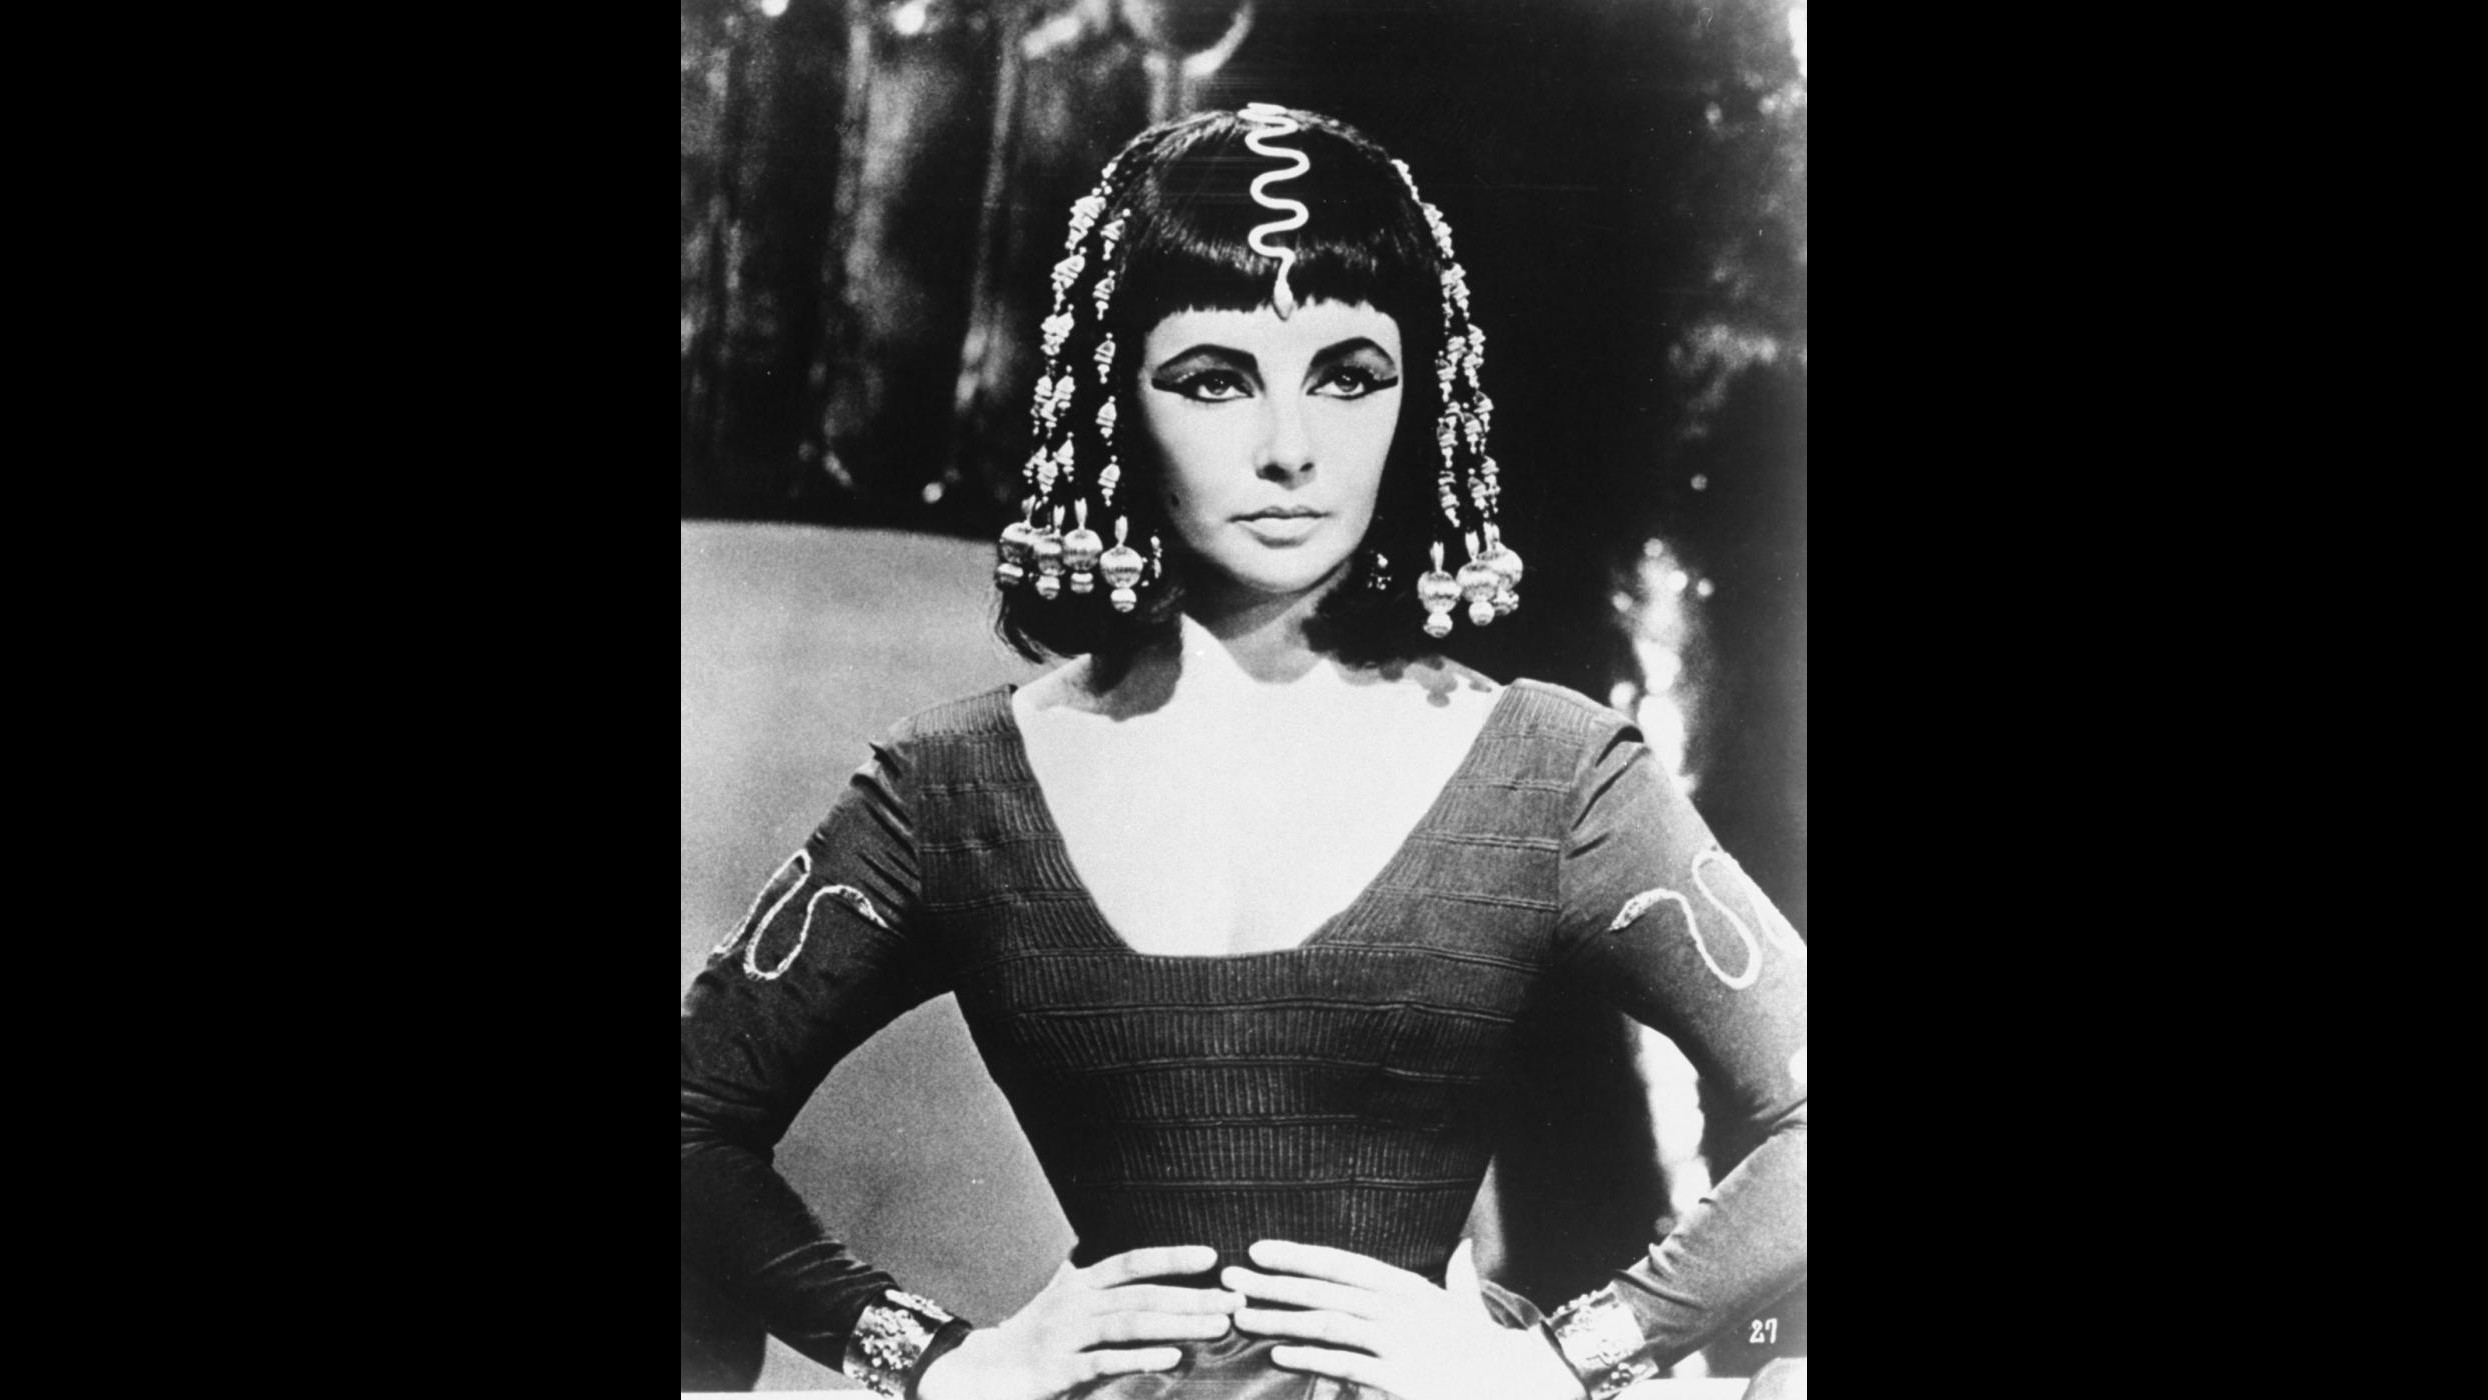 All'asta l'abito indossato da Liz Taylor nel film 'Cleopatra'